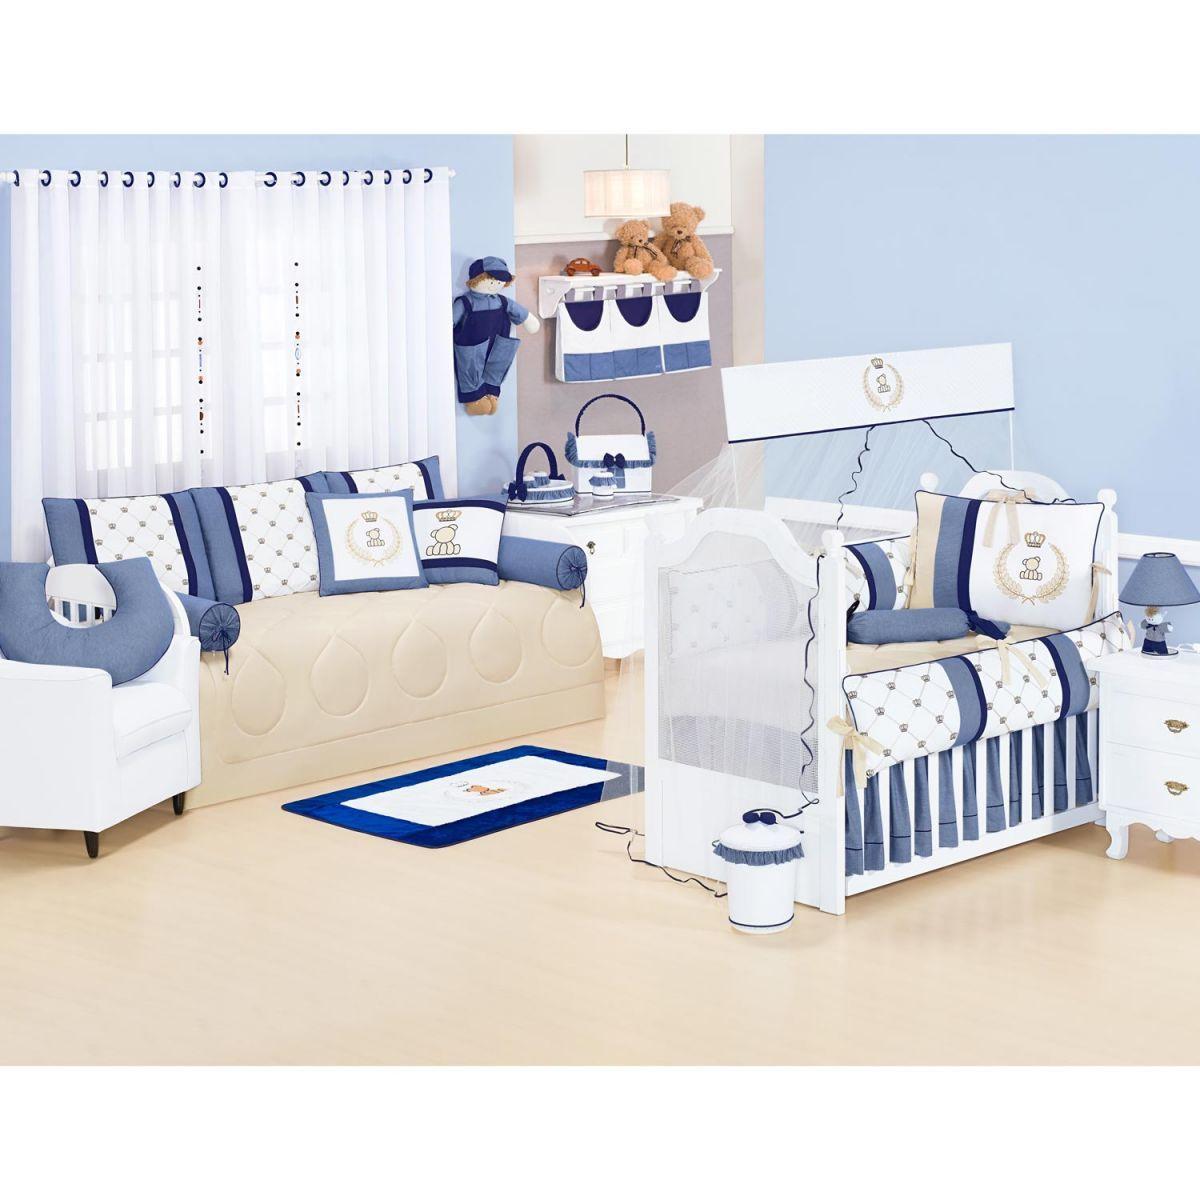 Lixeira Enfeitada p/ Quarto de Bebê - Coleção Classic Marinho